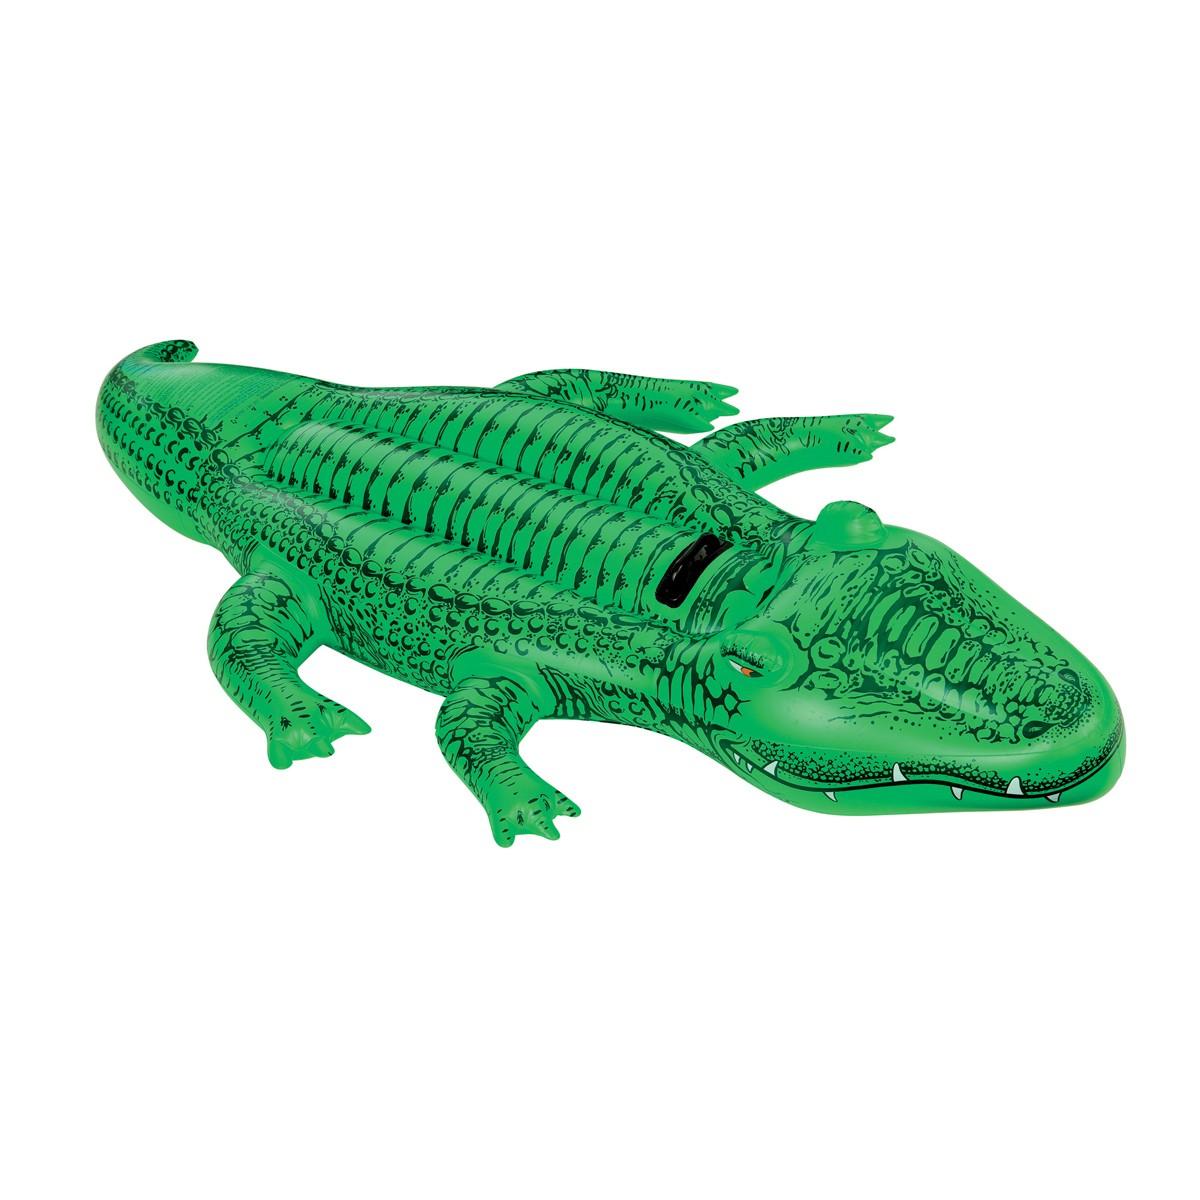 Mr. Crocodile Pool Floats | Le Float - Sewa menyewa jadi lebih mudah di Spotsewa